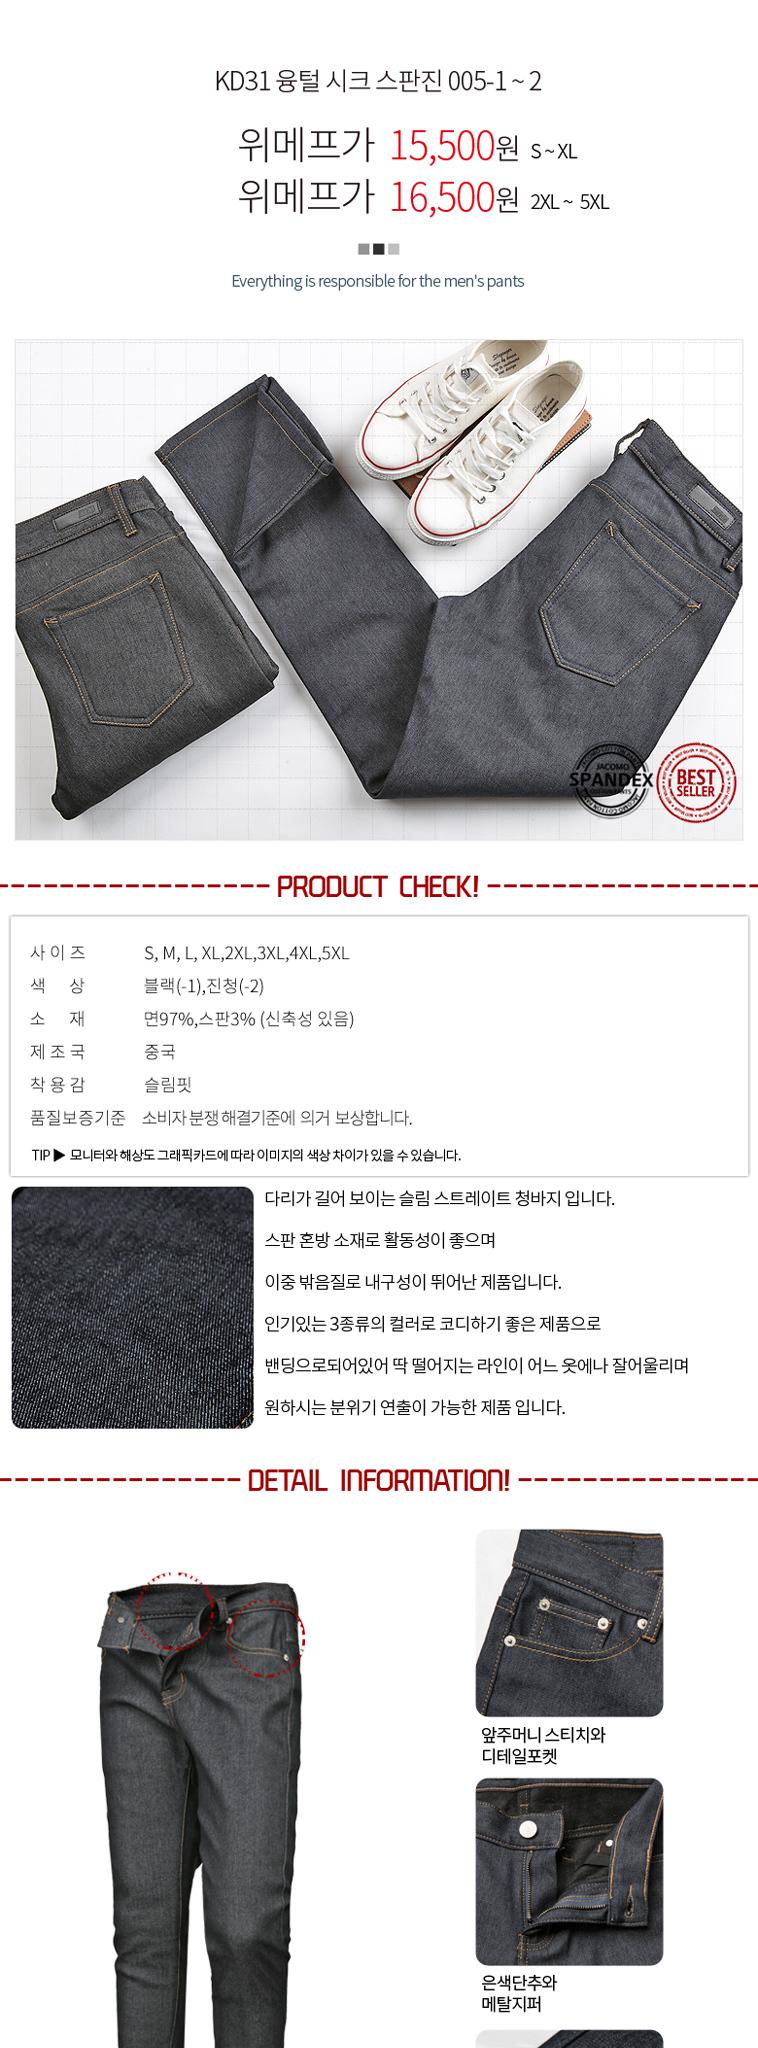 후기203개! 융털/본딩/기모 청바지 - 상세정보